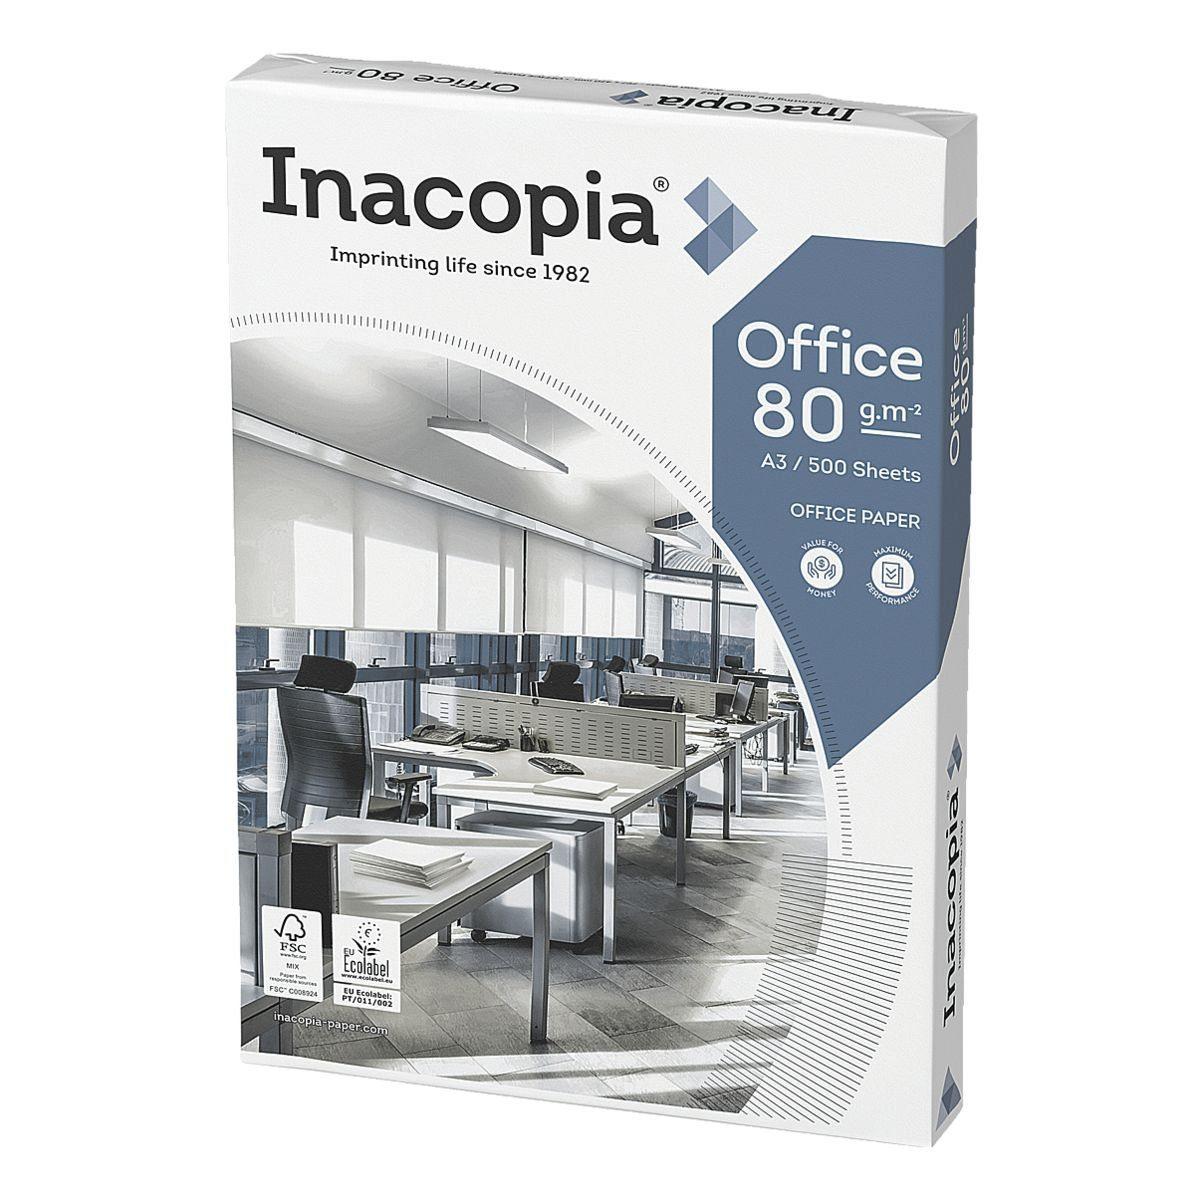 INACOPIA Multifunktionales Druckerpapier »Office«